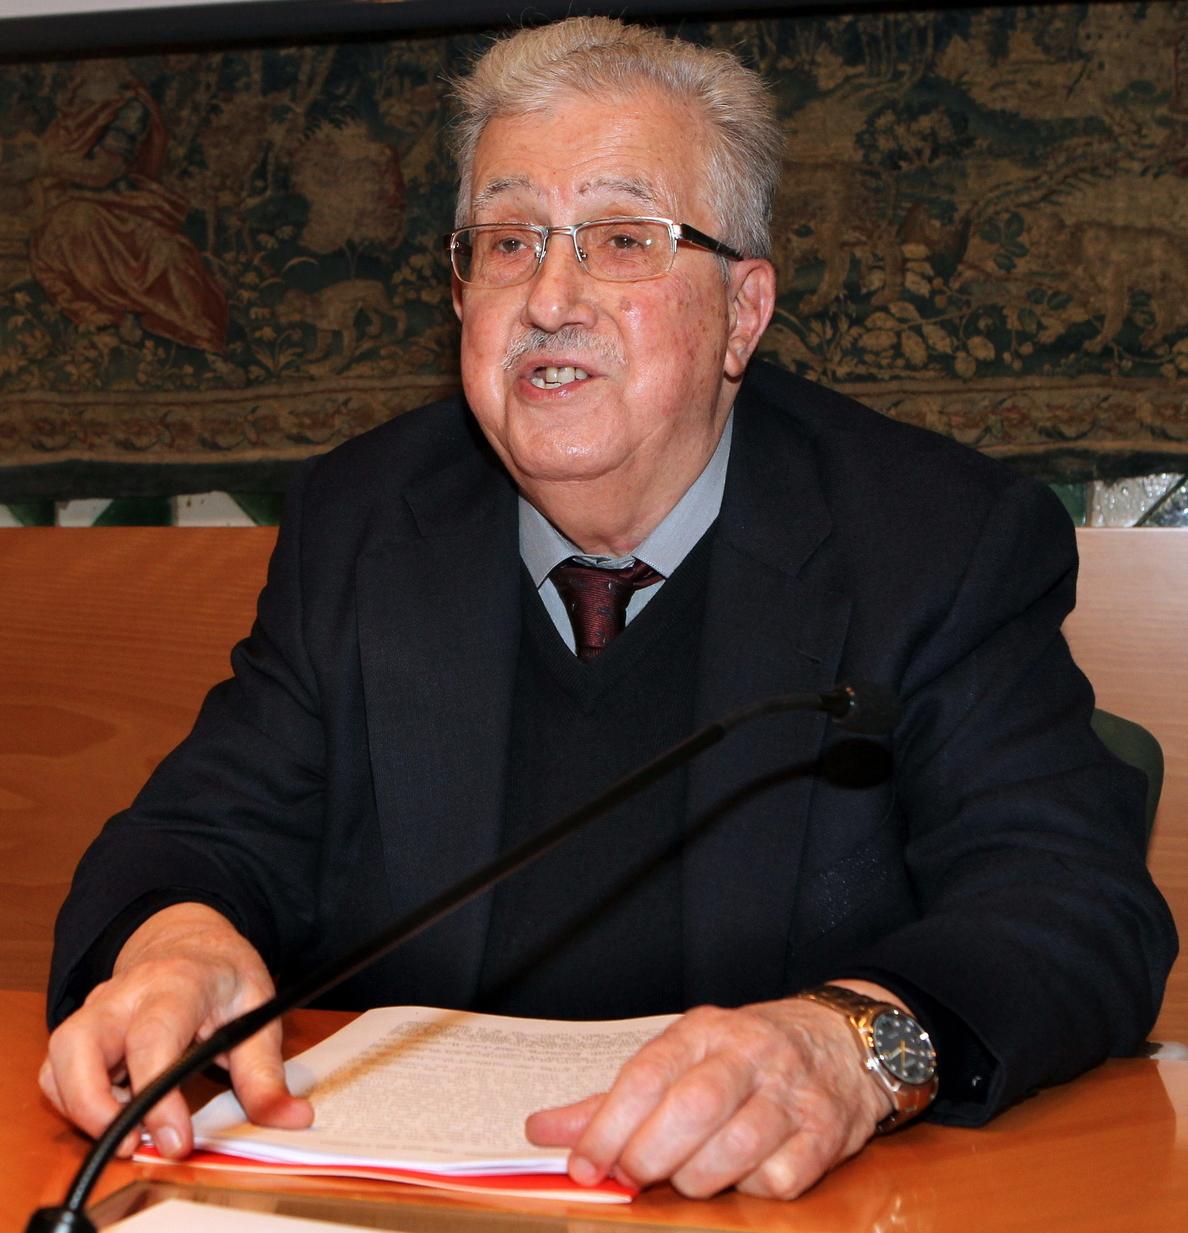 Josep Fontana: El miedo al comunismo frenó a la sociedad en el siglo XX